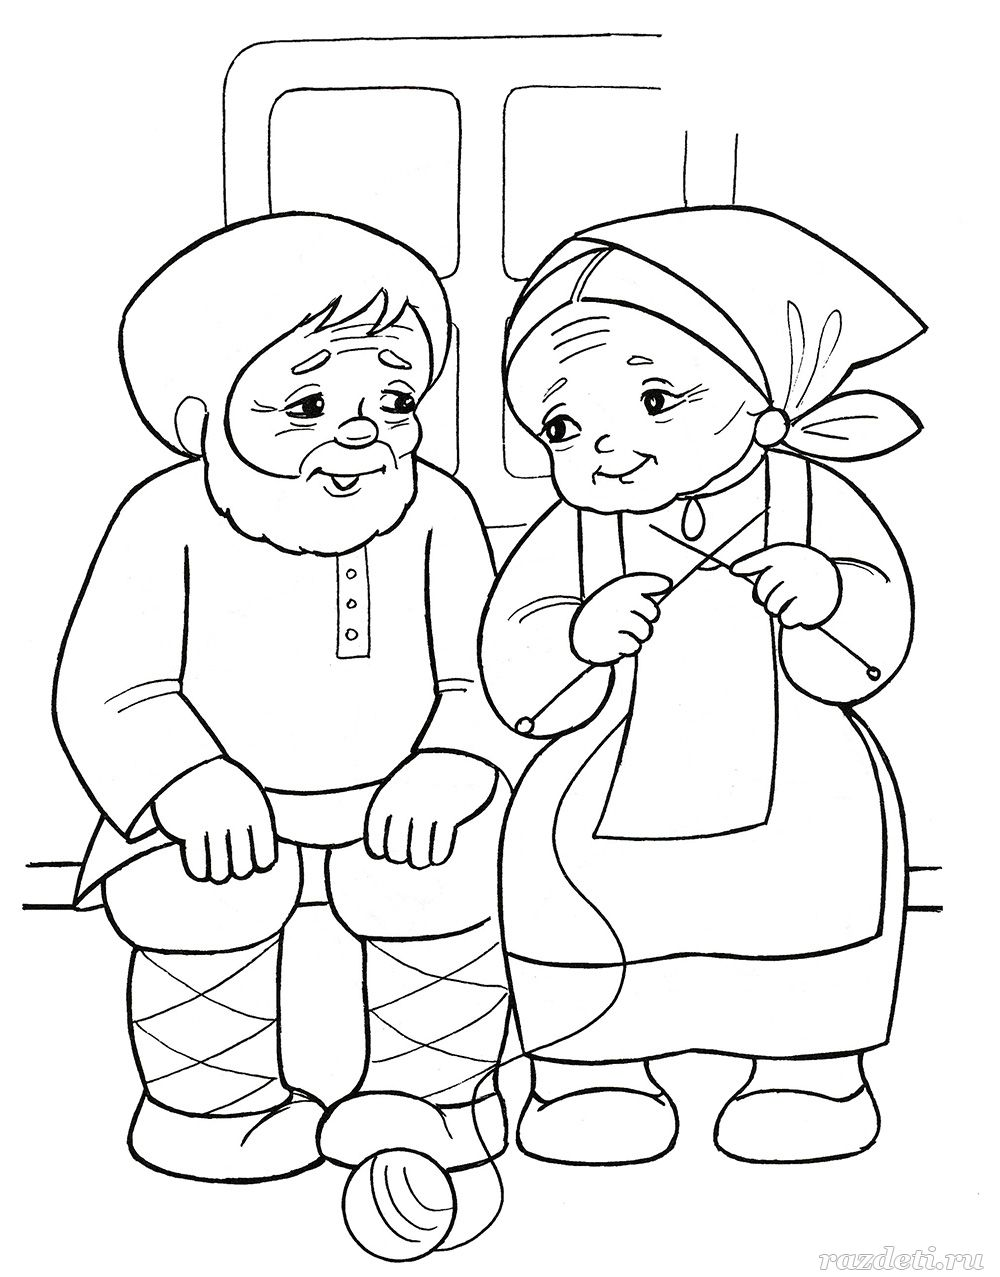 Раскраска к сказке «Колобок»